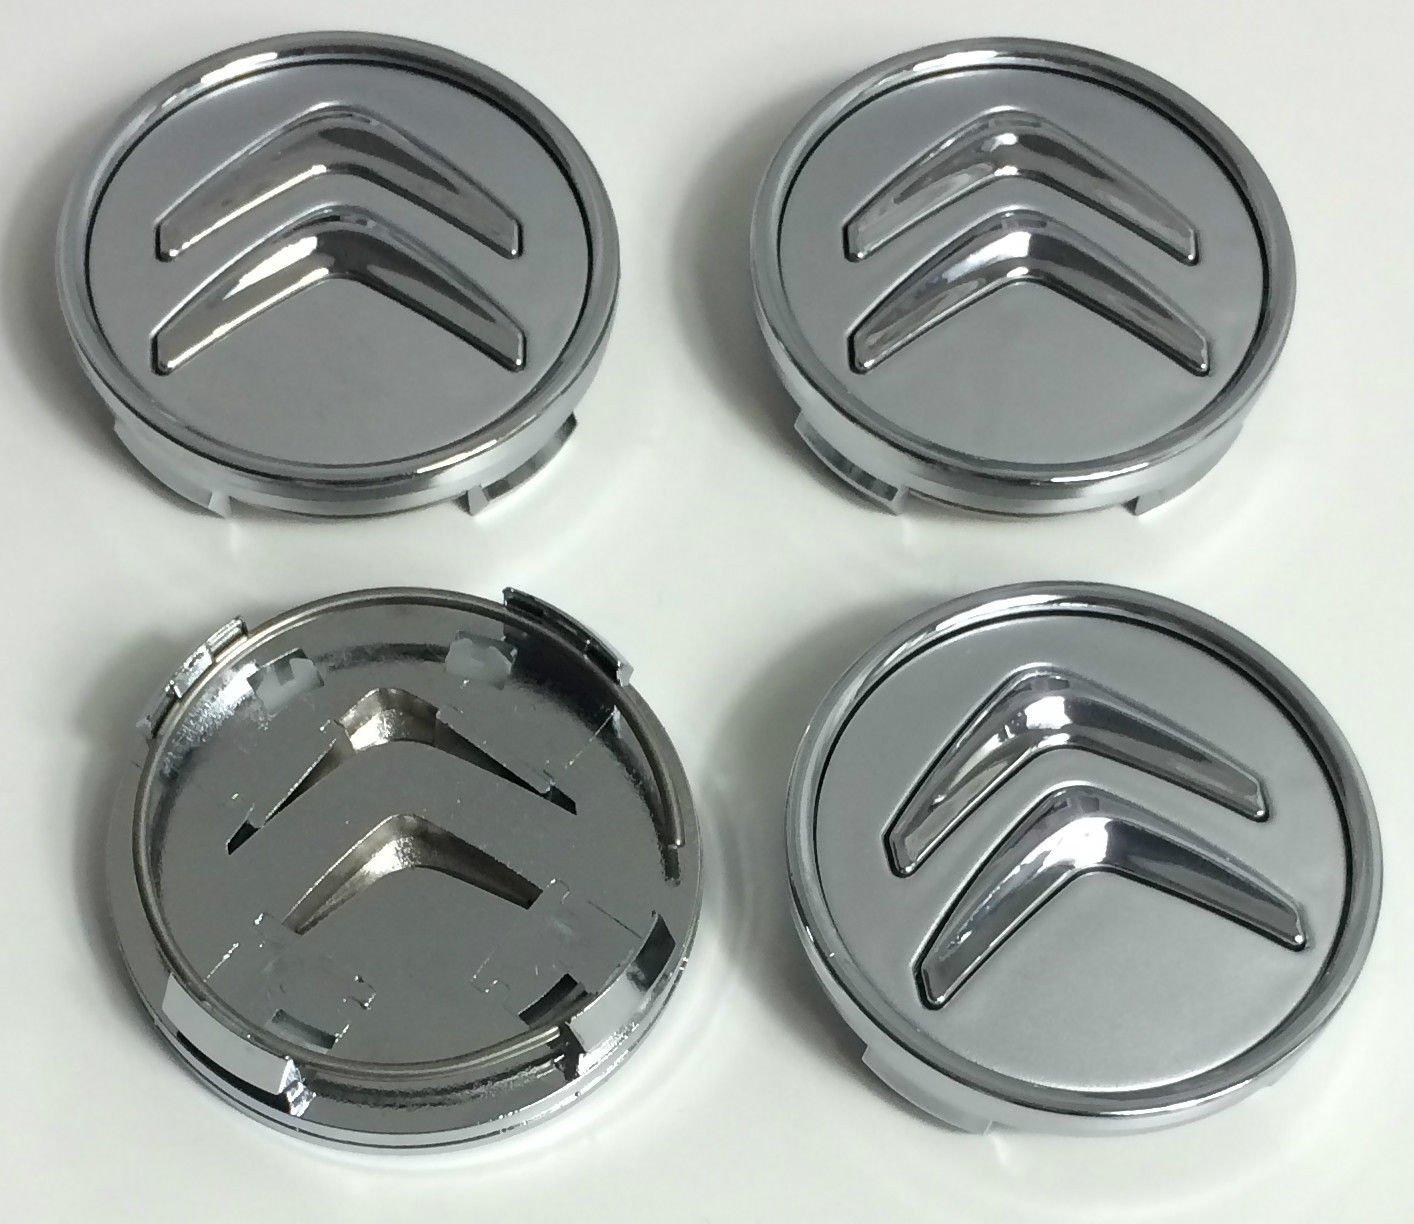 4 tapas de buje de 60 mm para llantas de aluminio para Citroën, con logotipo gris cromado: Amazon.es: Coche y moto